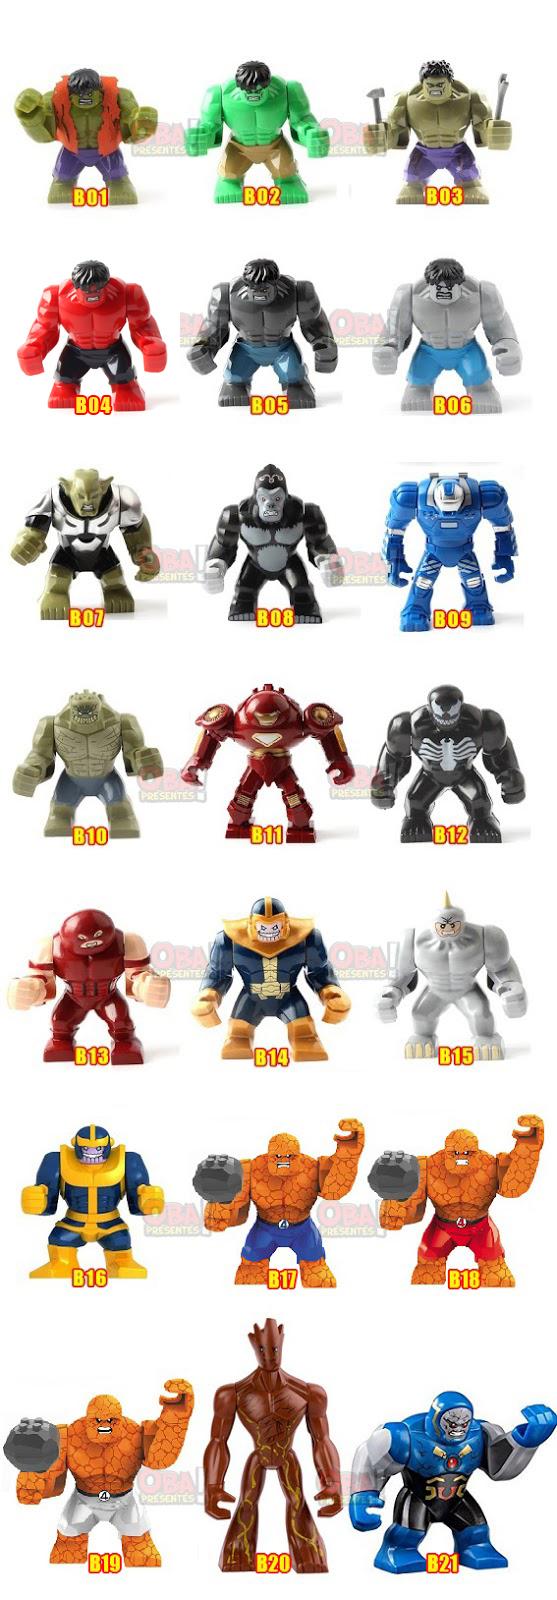 boneco lego big marvel vingadores super herois